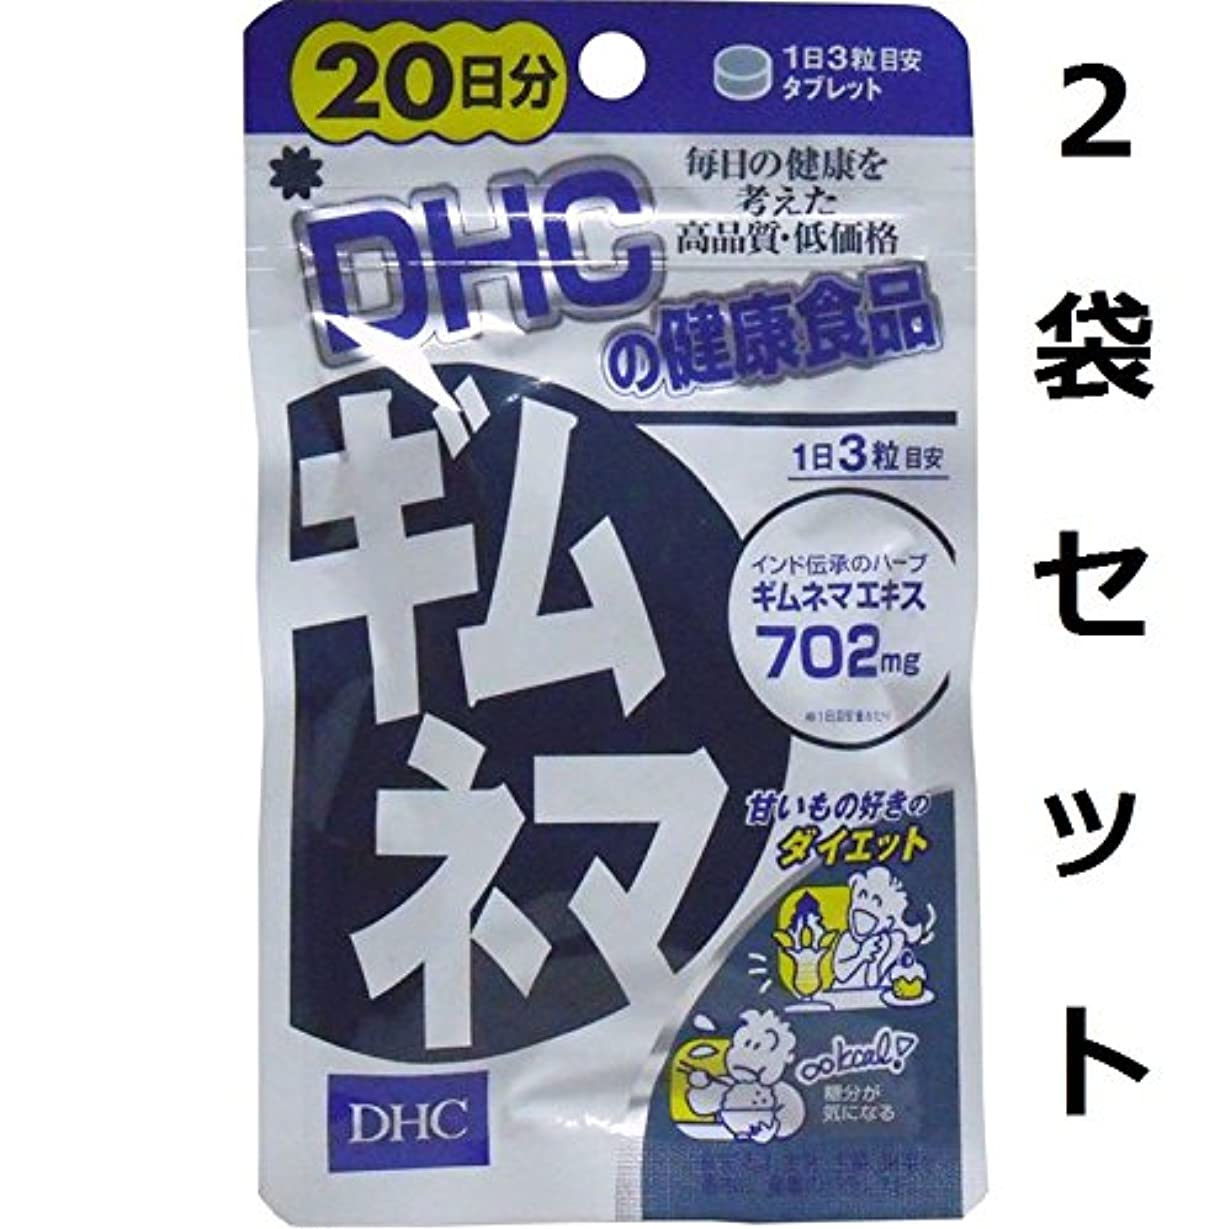 襟混乱した剛性我慢せずに余分な糖分をブロック DHC ギムネマ 20日分 60粒 2袋セット